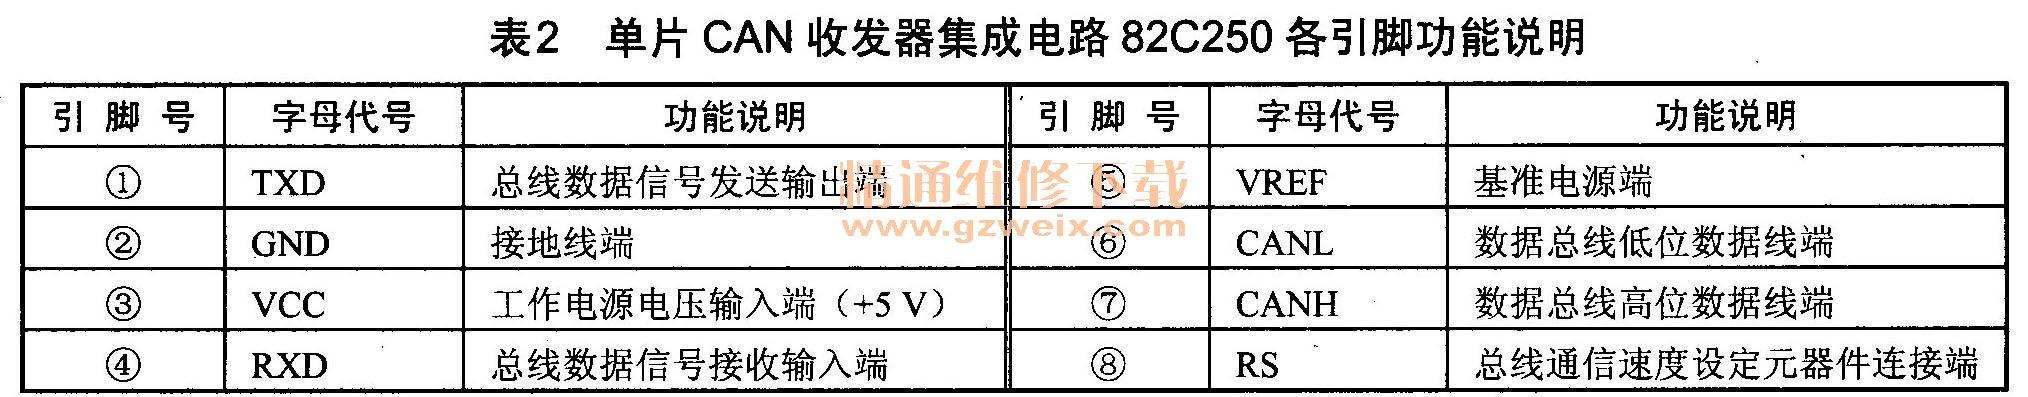 单片CAN收发器集成电路82C250各引脚功能说明